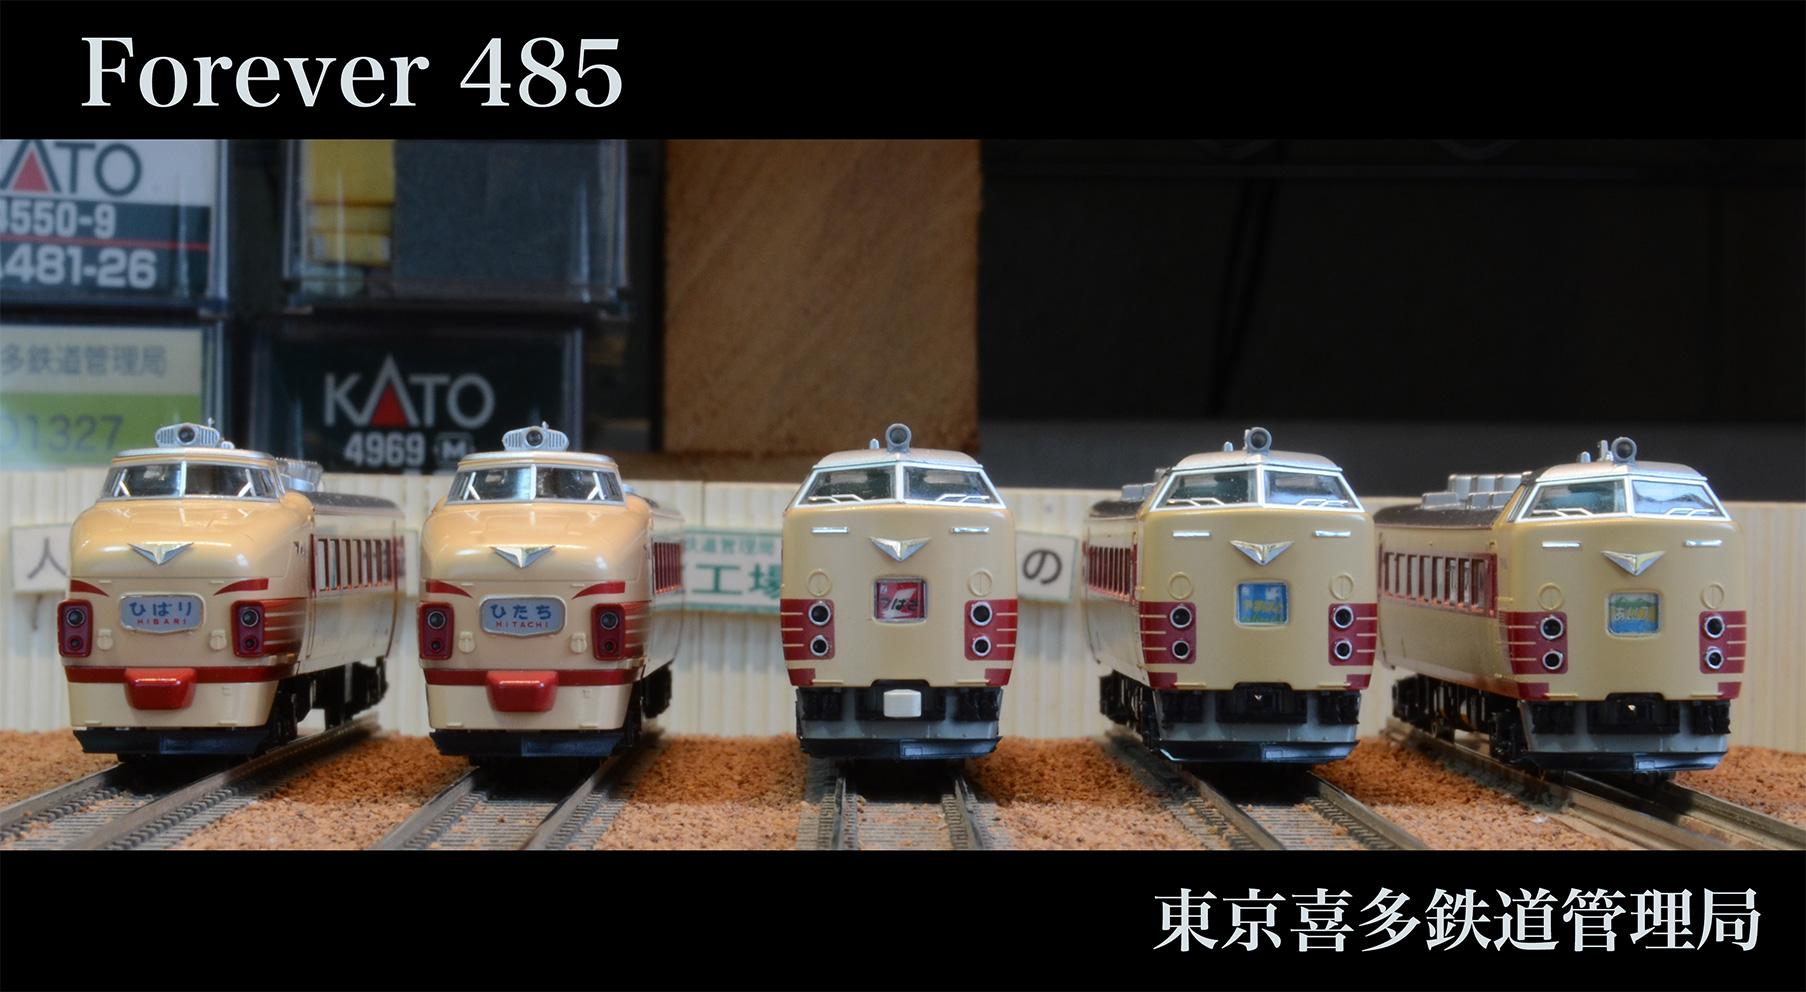 160619_001_sayonara485.jpg